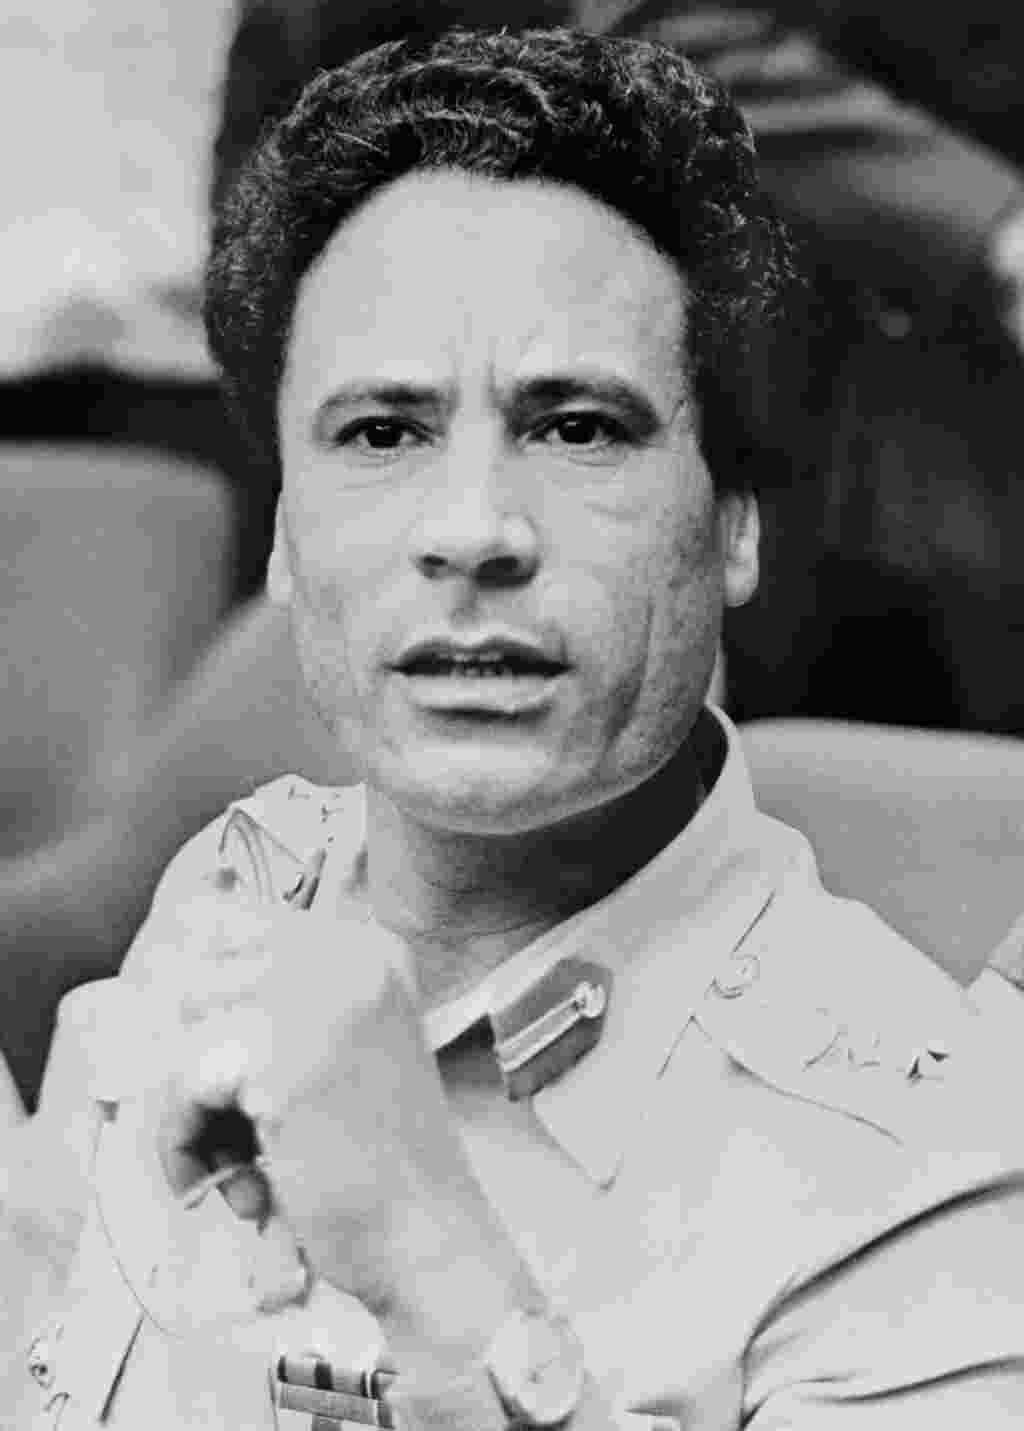 این عکس در ۴ اوت ۱۹۷۵ در کامپالا برداشته شد. سرهنگ معمر قذافی بعنوان رییس کشور لیبی در کنفرانس سران سازمان وحدت آفریقا شرکت کرد.